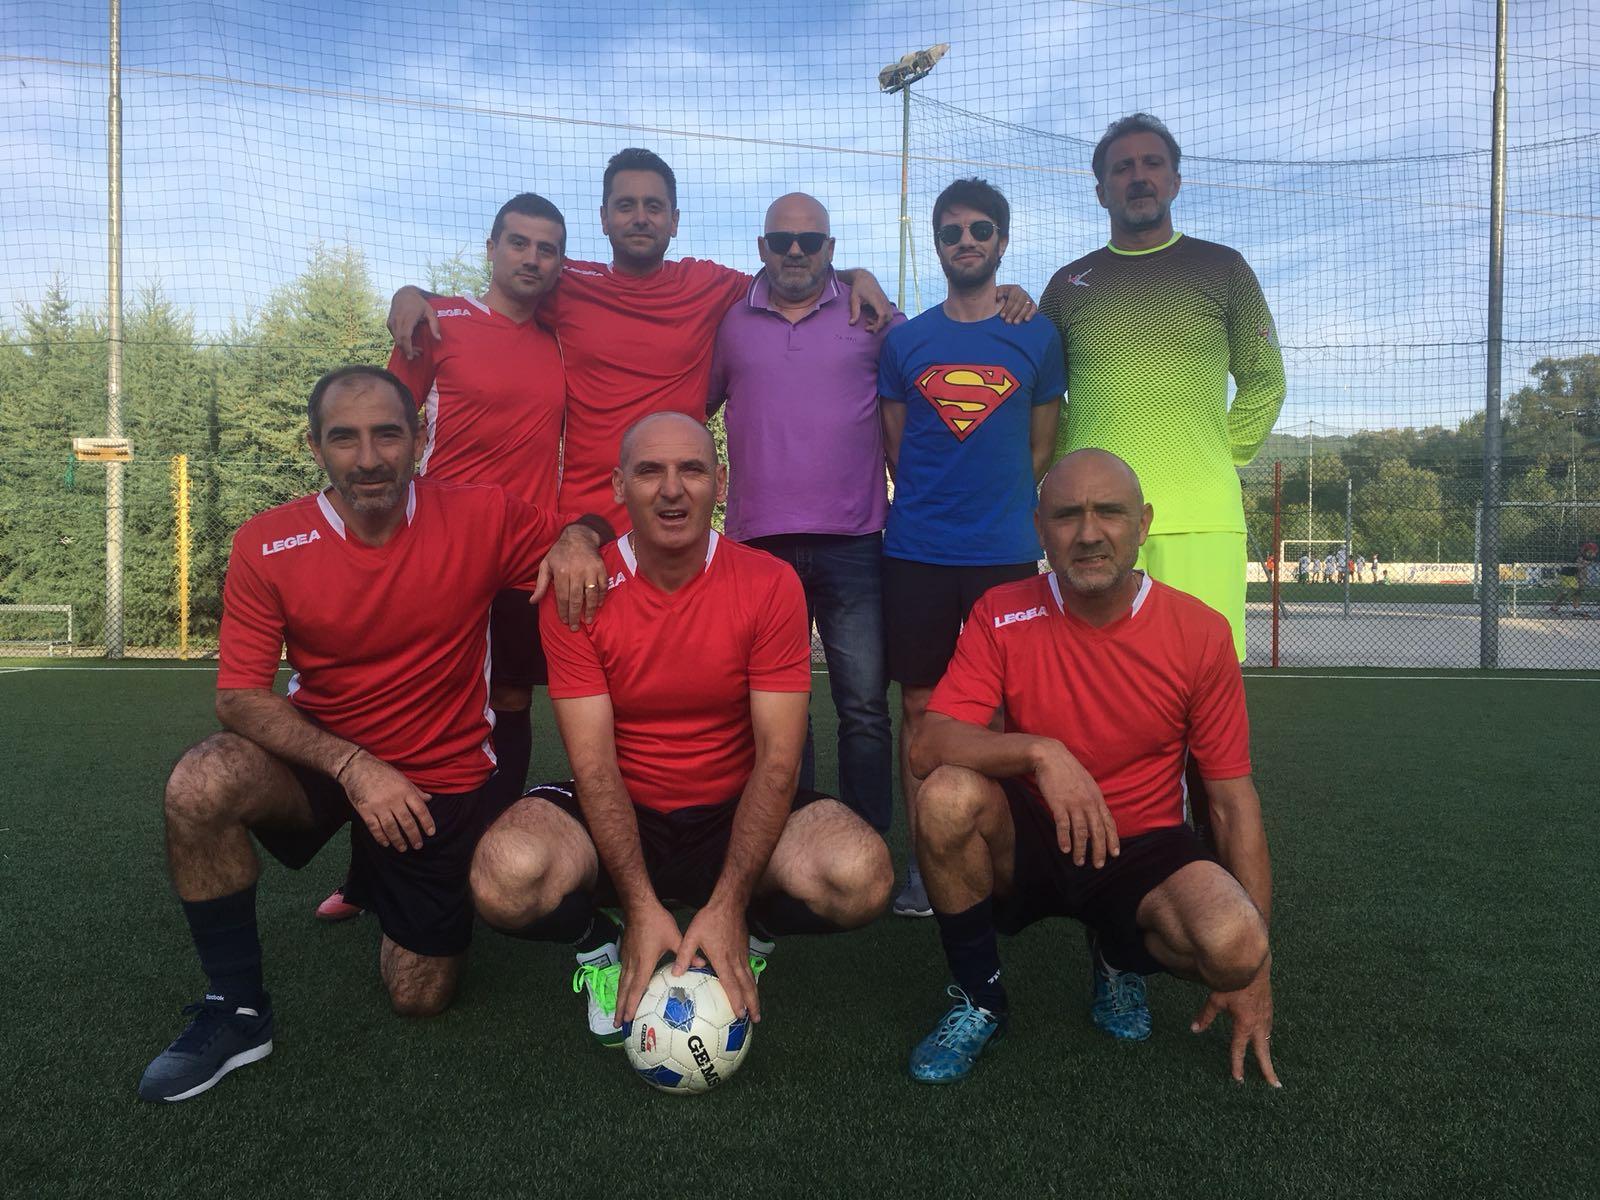 Sporting Manocchio: l'over 40 inizia col botto per la Pininho Team di mister Fiore. Battuta la Longobarda per 6-1